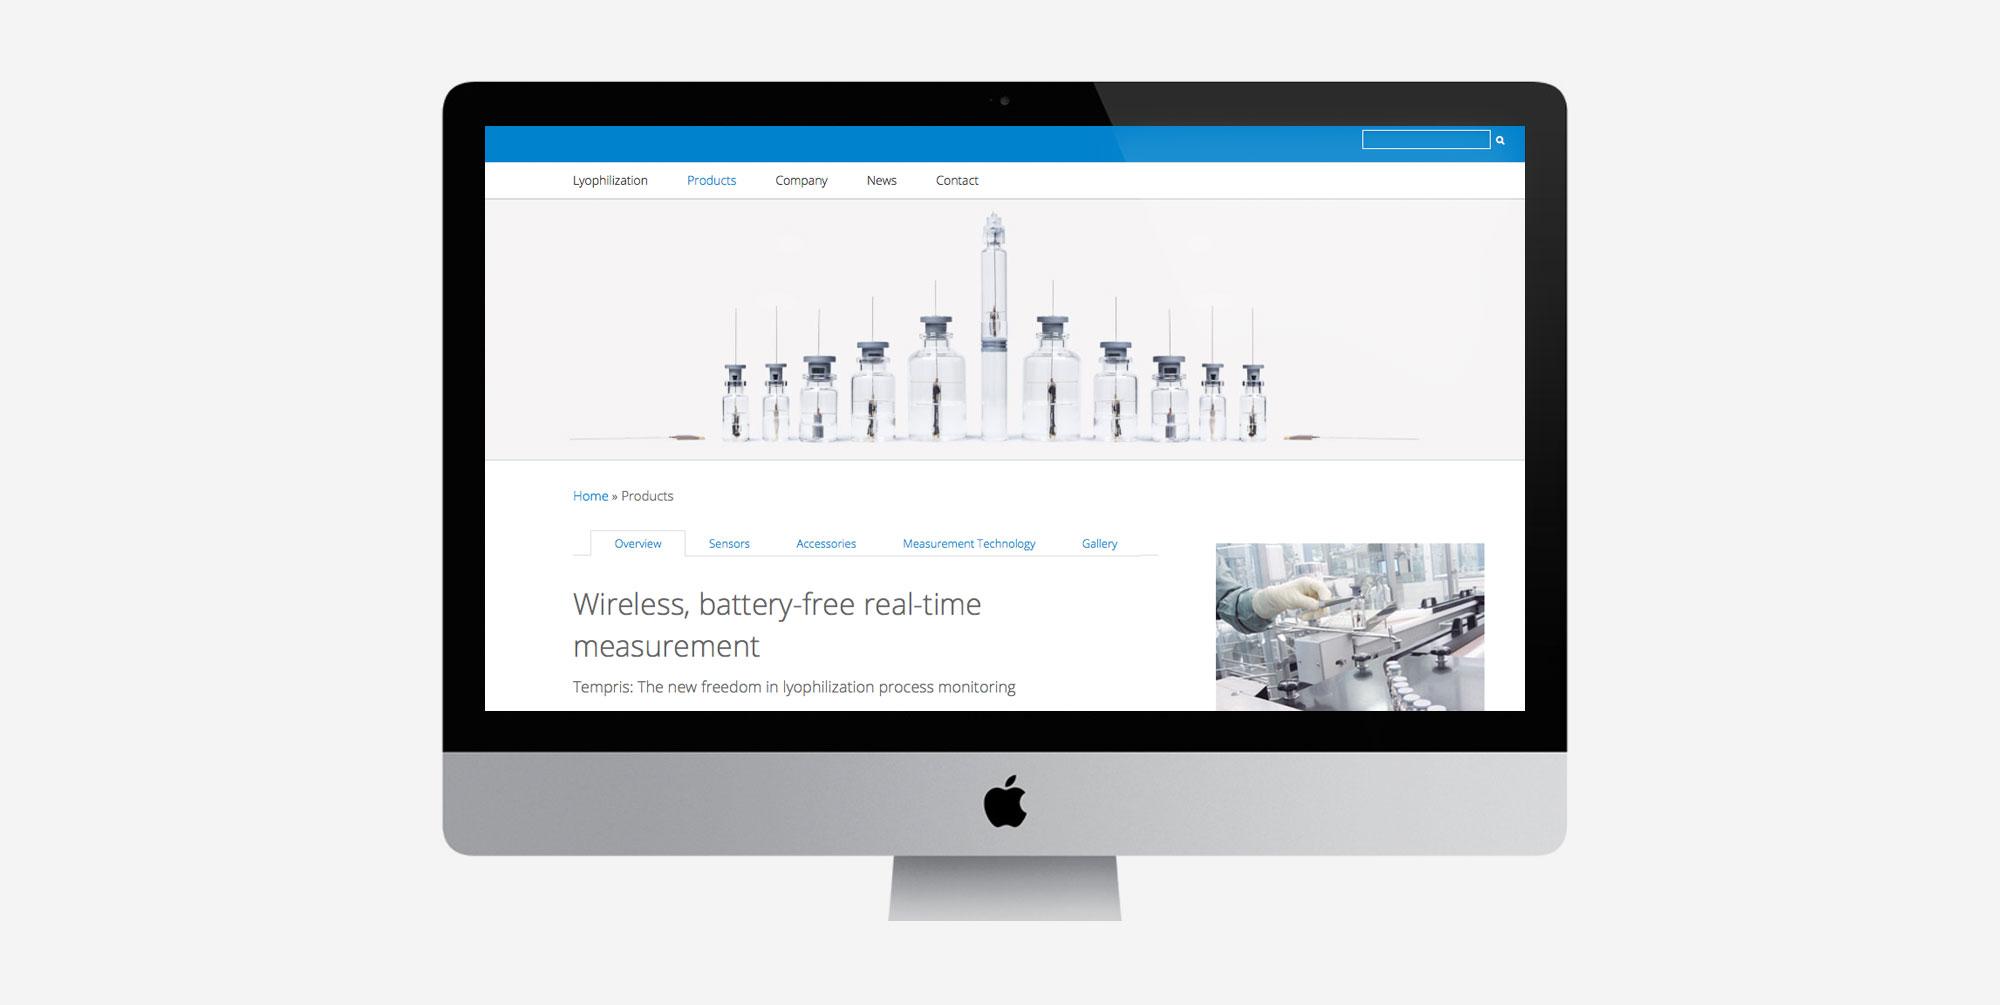 75a gestaltet die neue Website von Tempris aus Holzkirchen